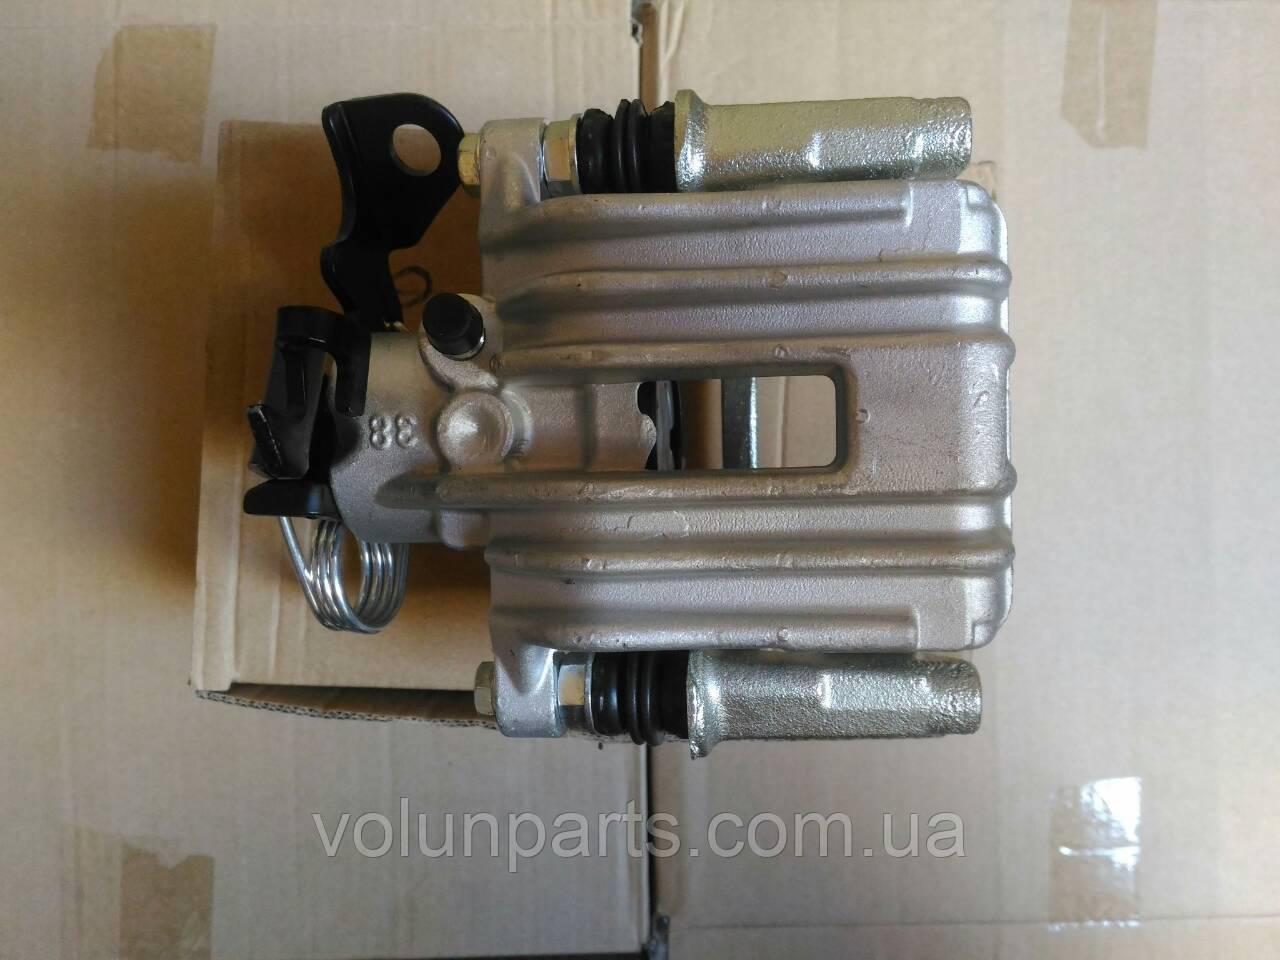 Тормозной суппорт Passat B5/Audi a4b5/Audi a6c5/Skoda superb правый